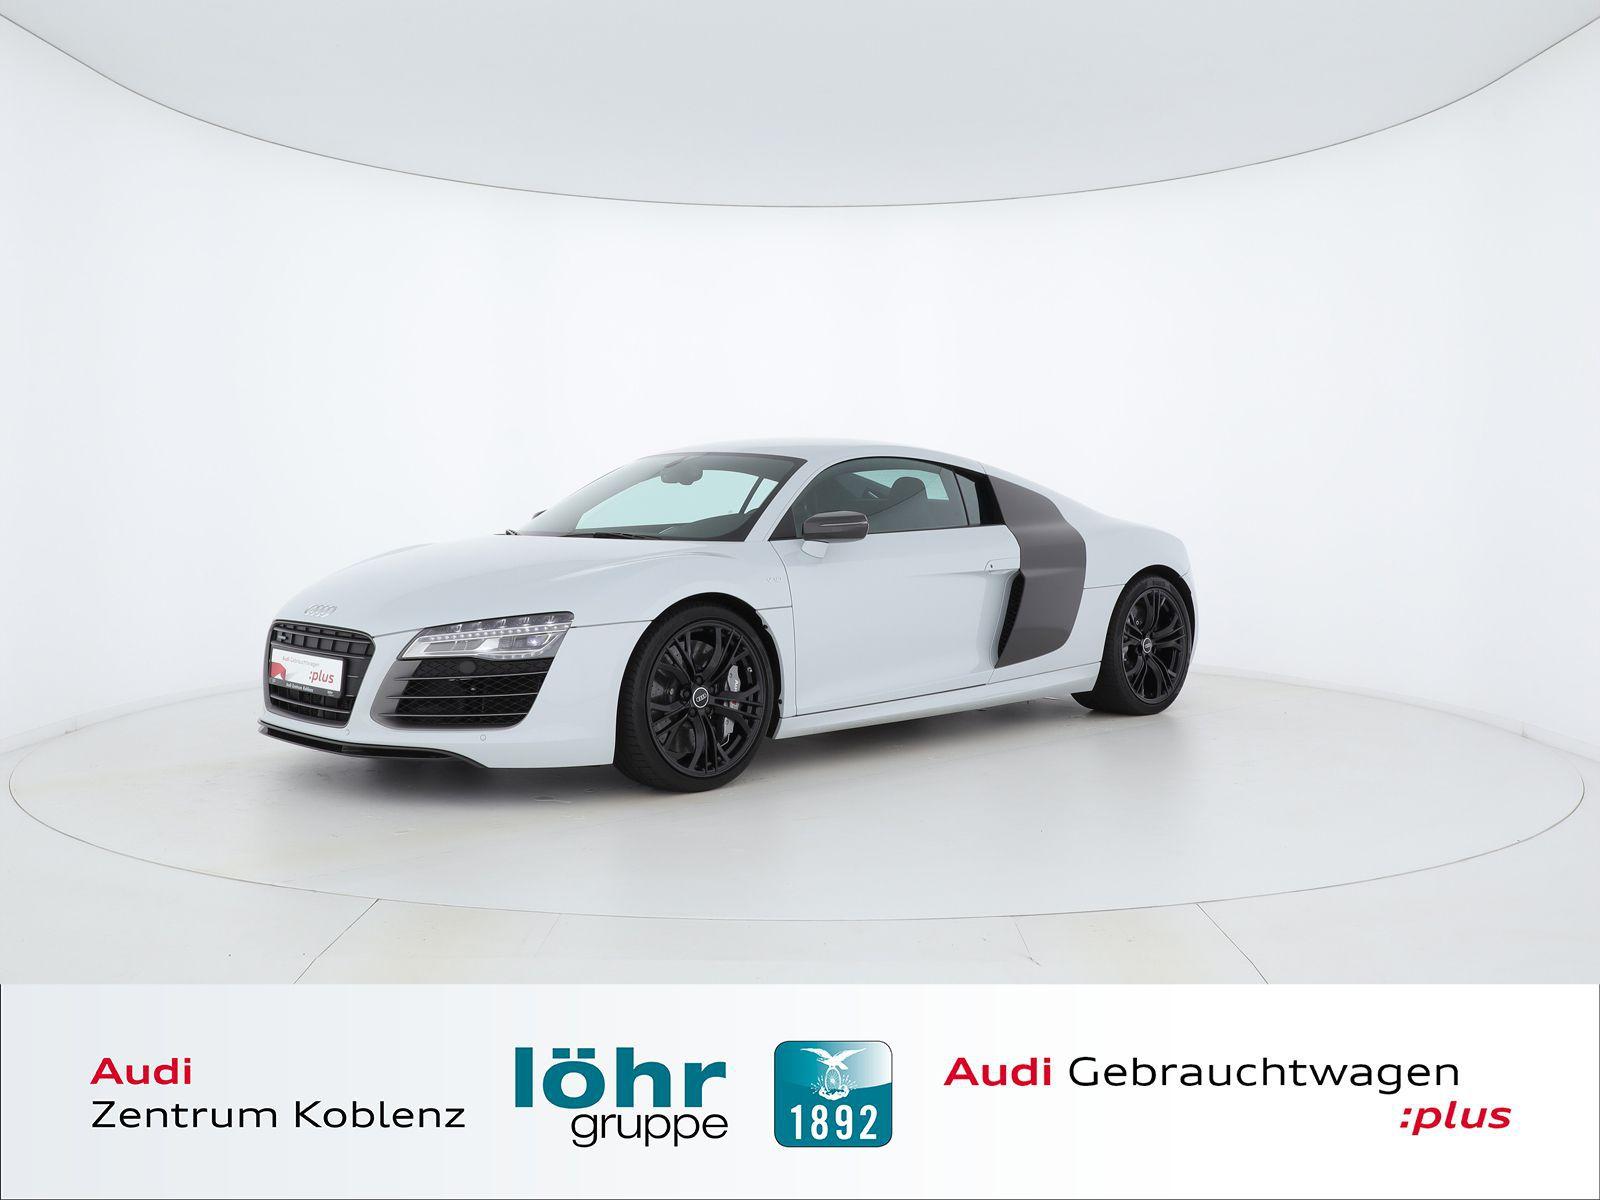 Audi R8 5.2 FSI quattro S tronic *B&O*Kamera*Navi*, Jahr 2014, petrol